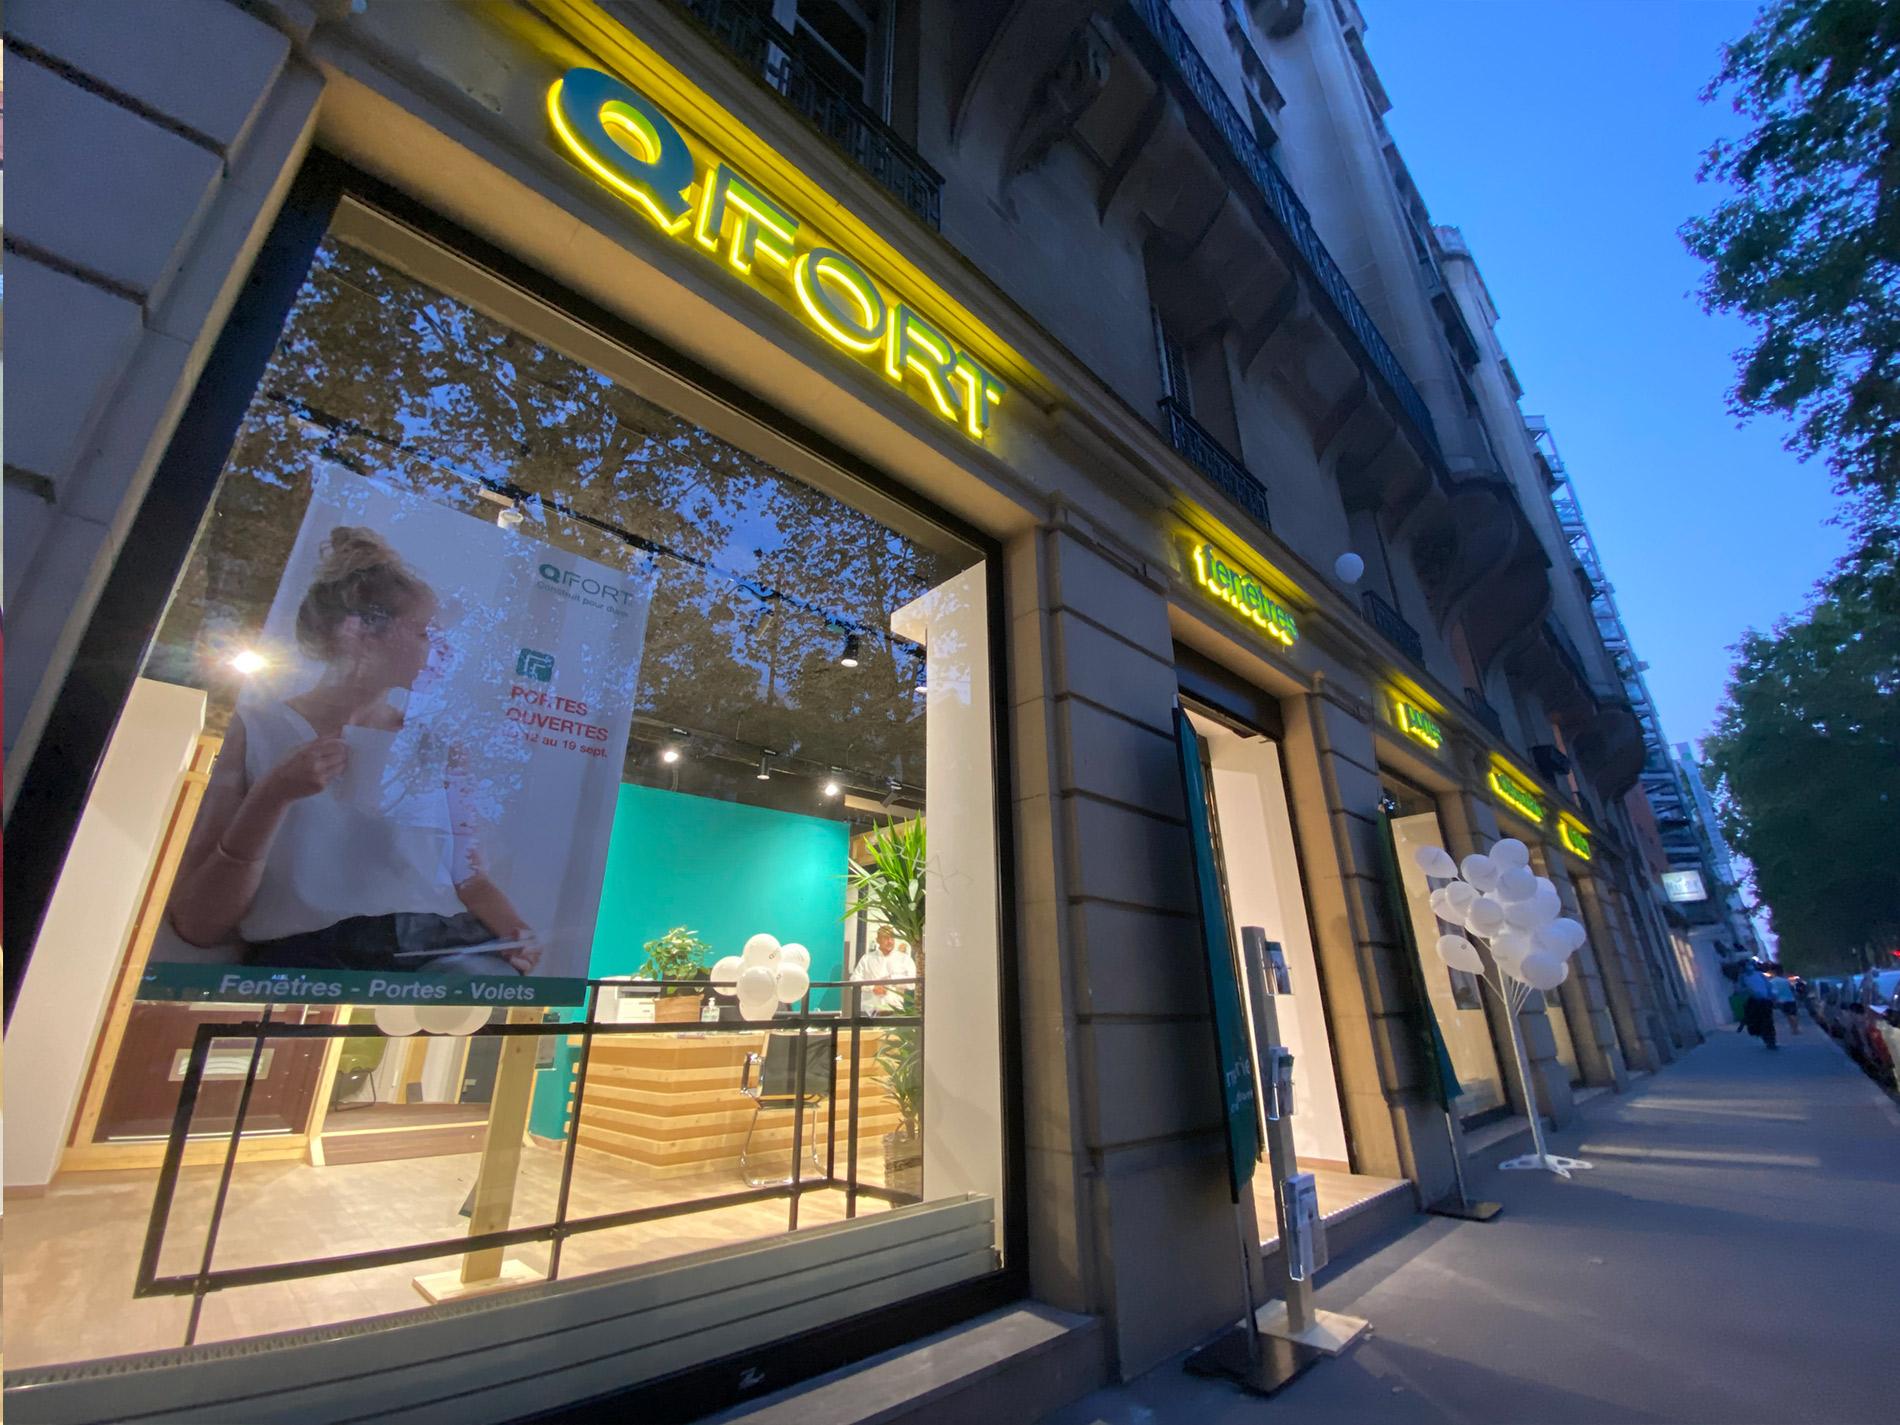 Ma belle fenêtre - Paris 14e - 3